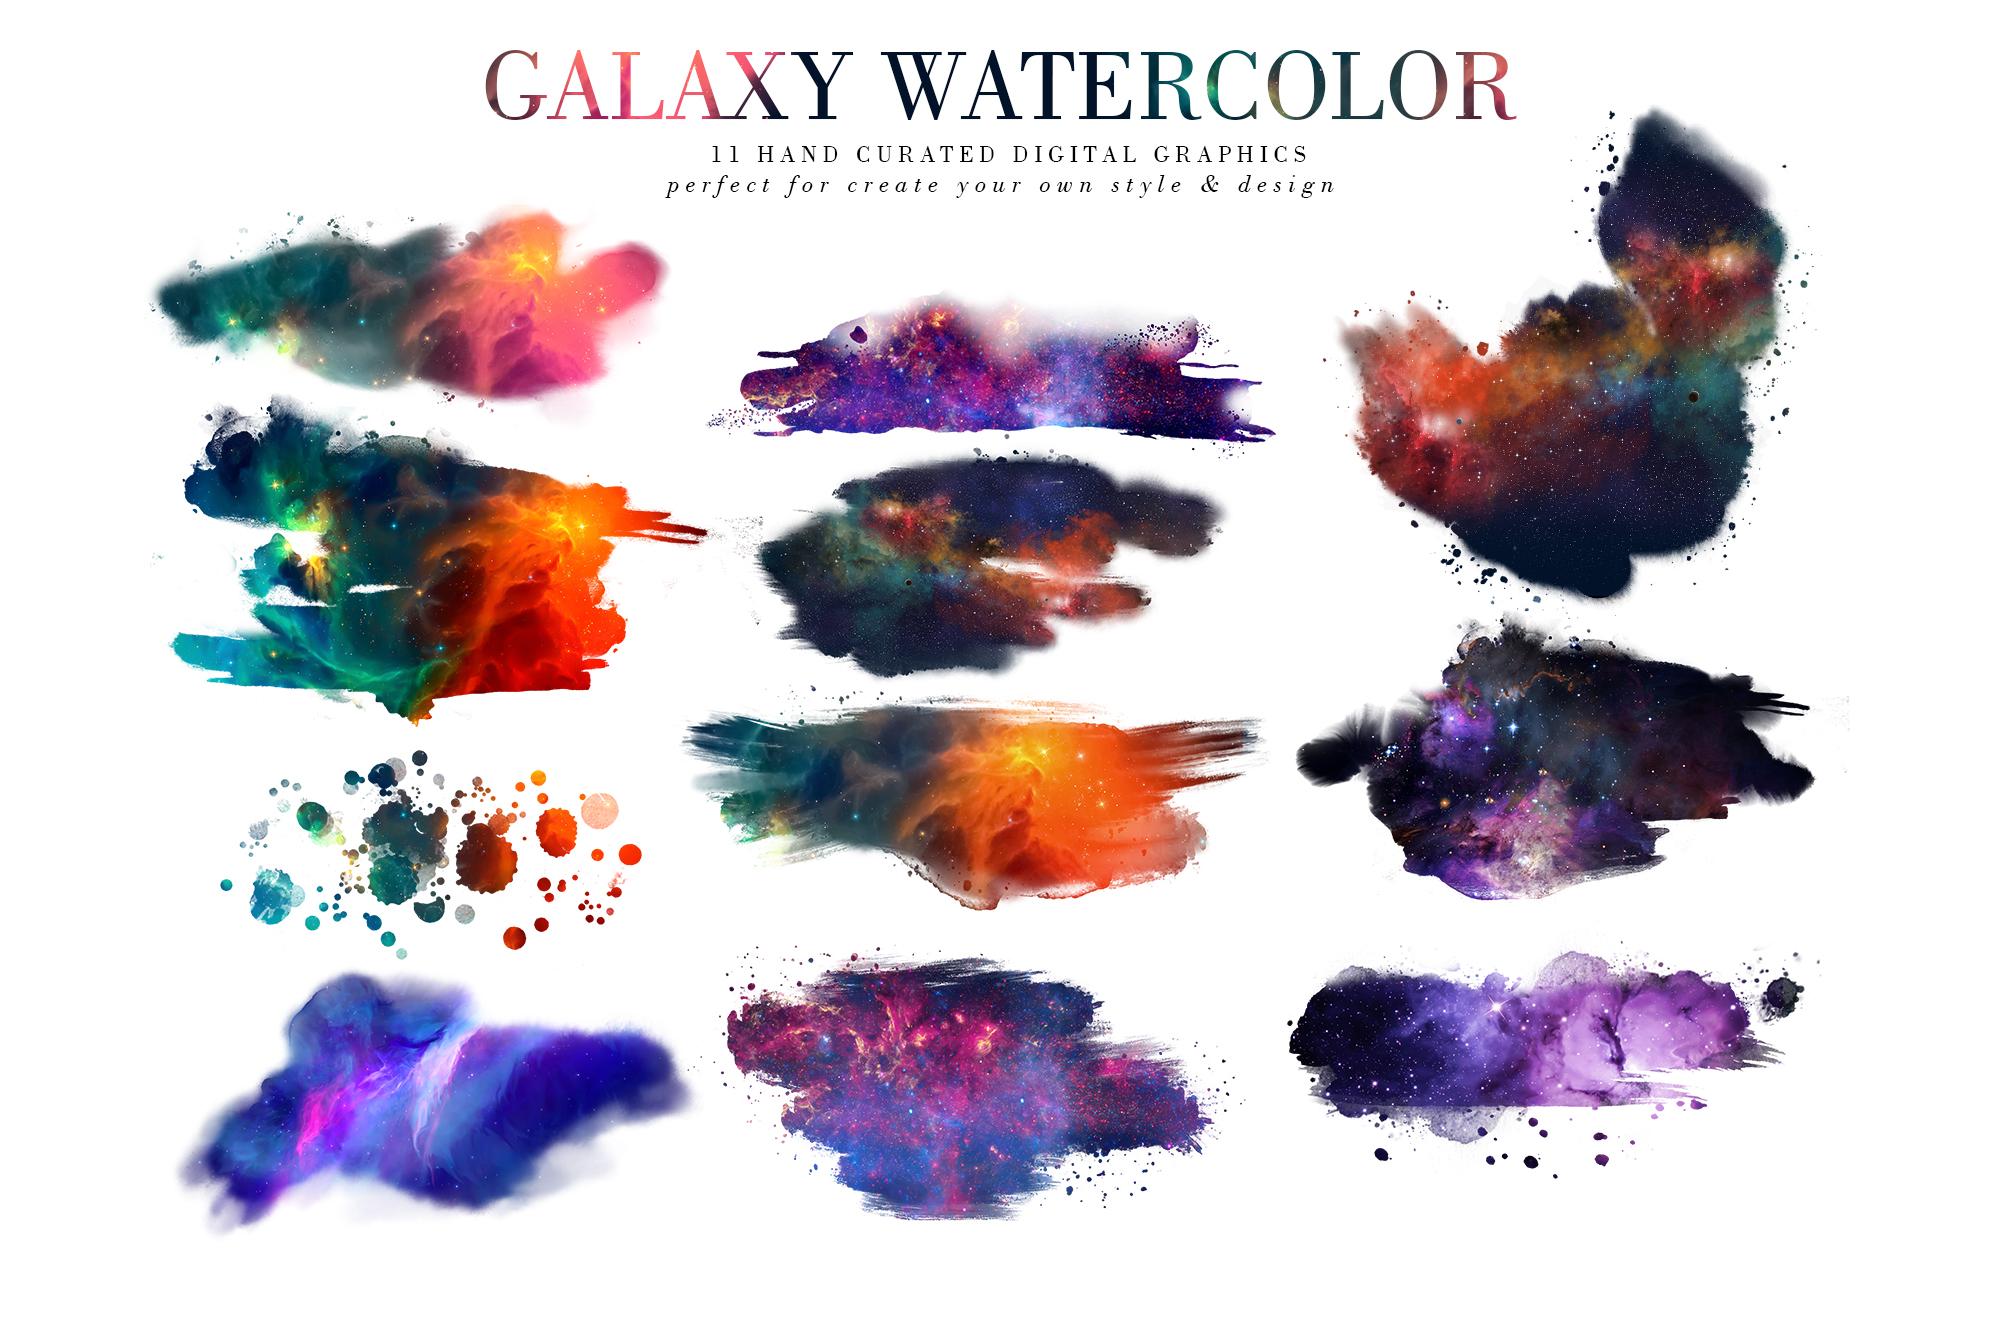 炫彩星云星系宇宙空间水墨背景图片设计素材 Galaxy Watercolor插图1